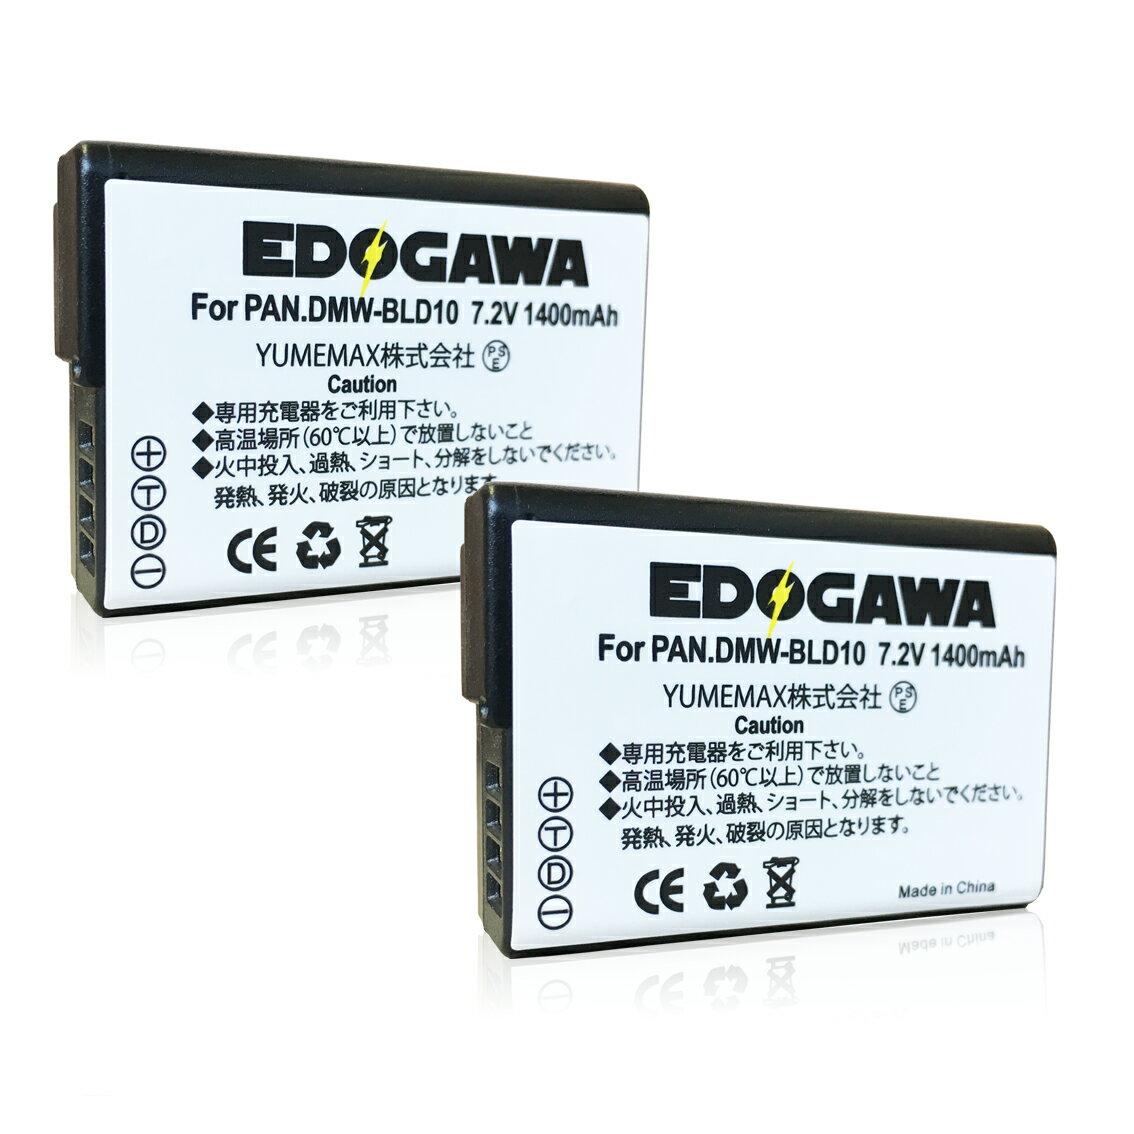 デジタルカメラ用アクセサリー, バッテリーパック EDOGAWA 2Panasonic DMW-BLD10 DMC-GX1 DMC-GF2 DMC-G3 (2XED-BAT)